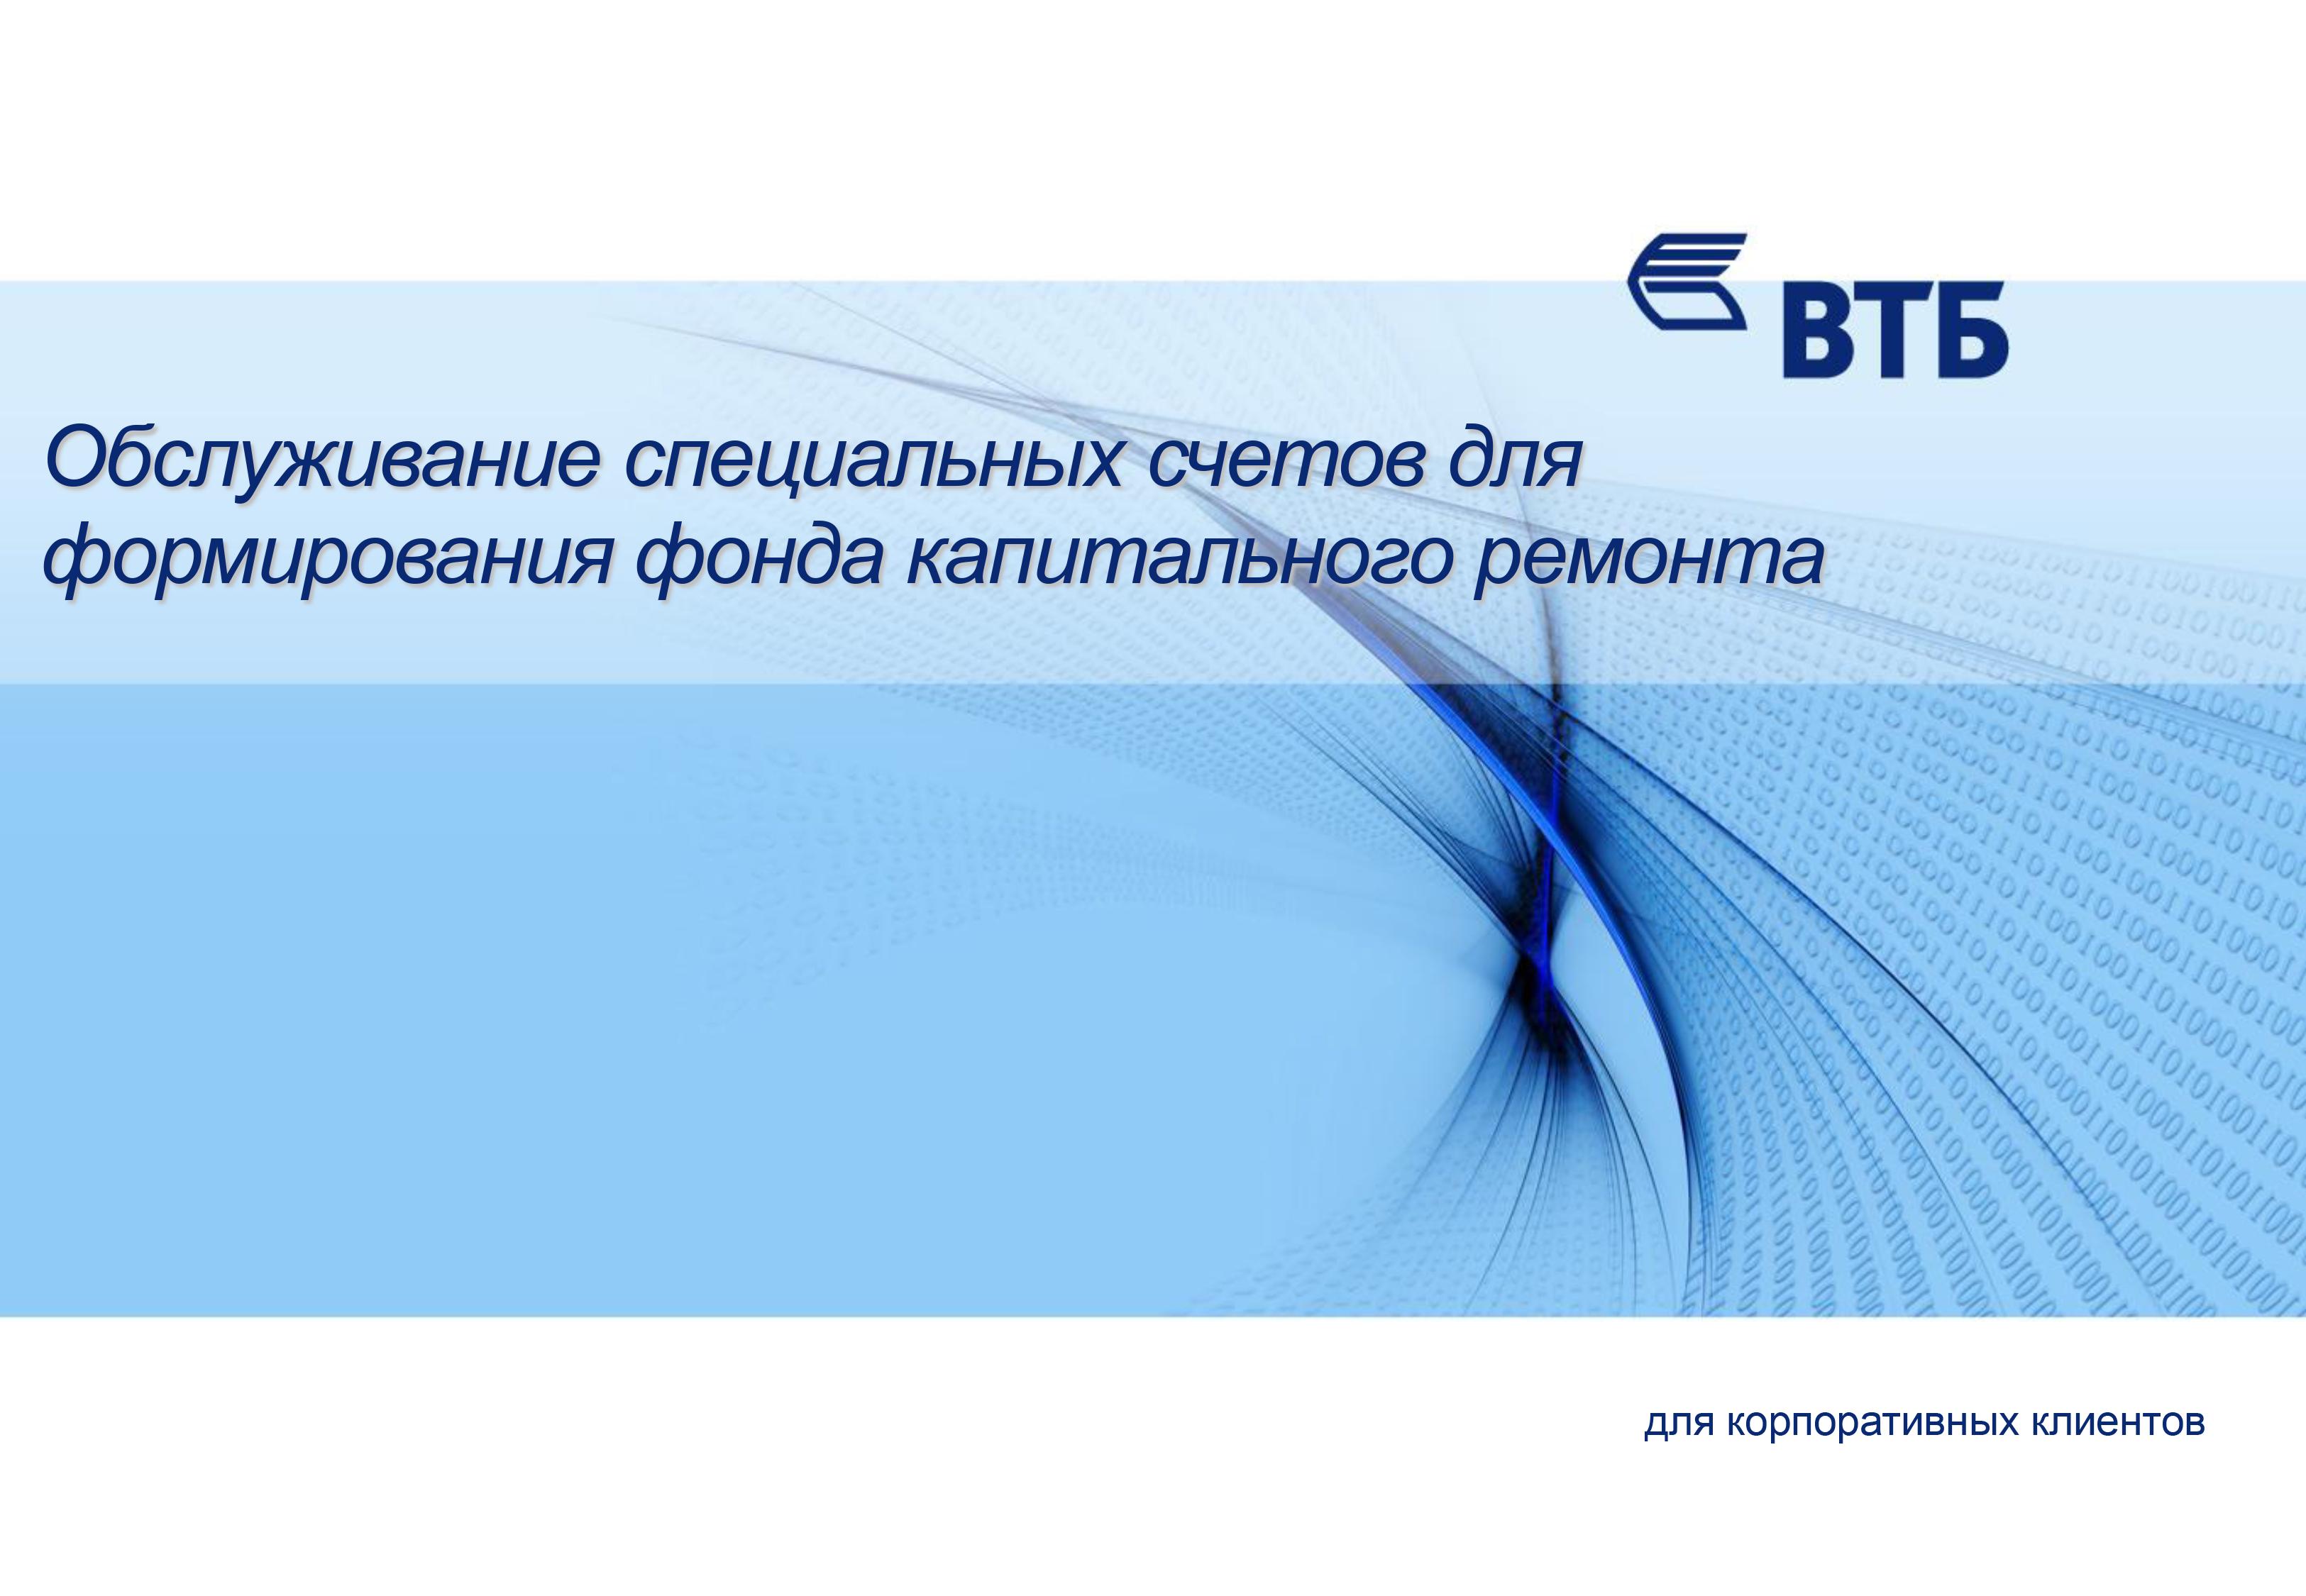 Обслуживание специальных счетов для формирования фонда капитального ремонта от банка ВТБ24